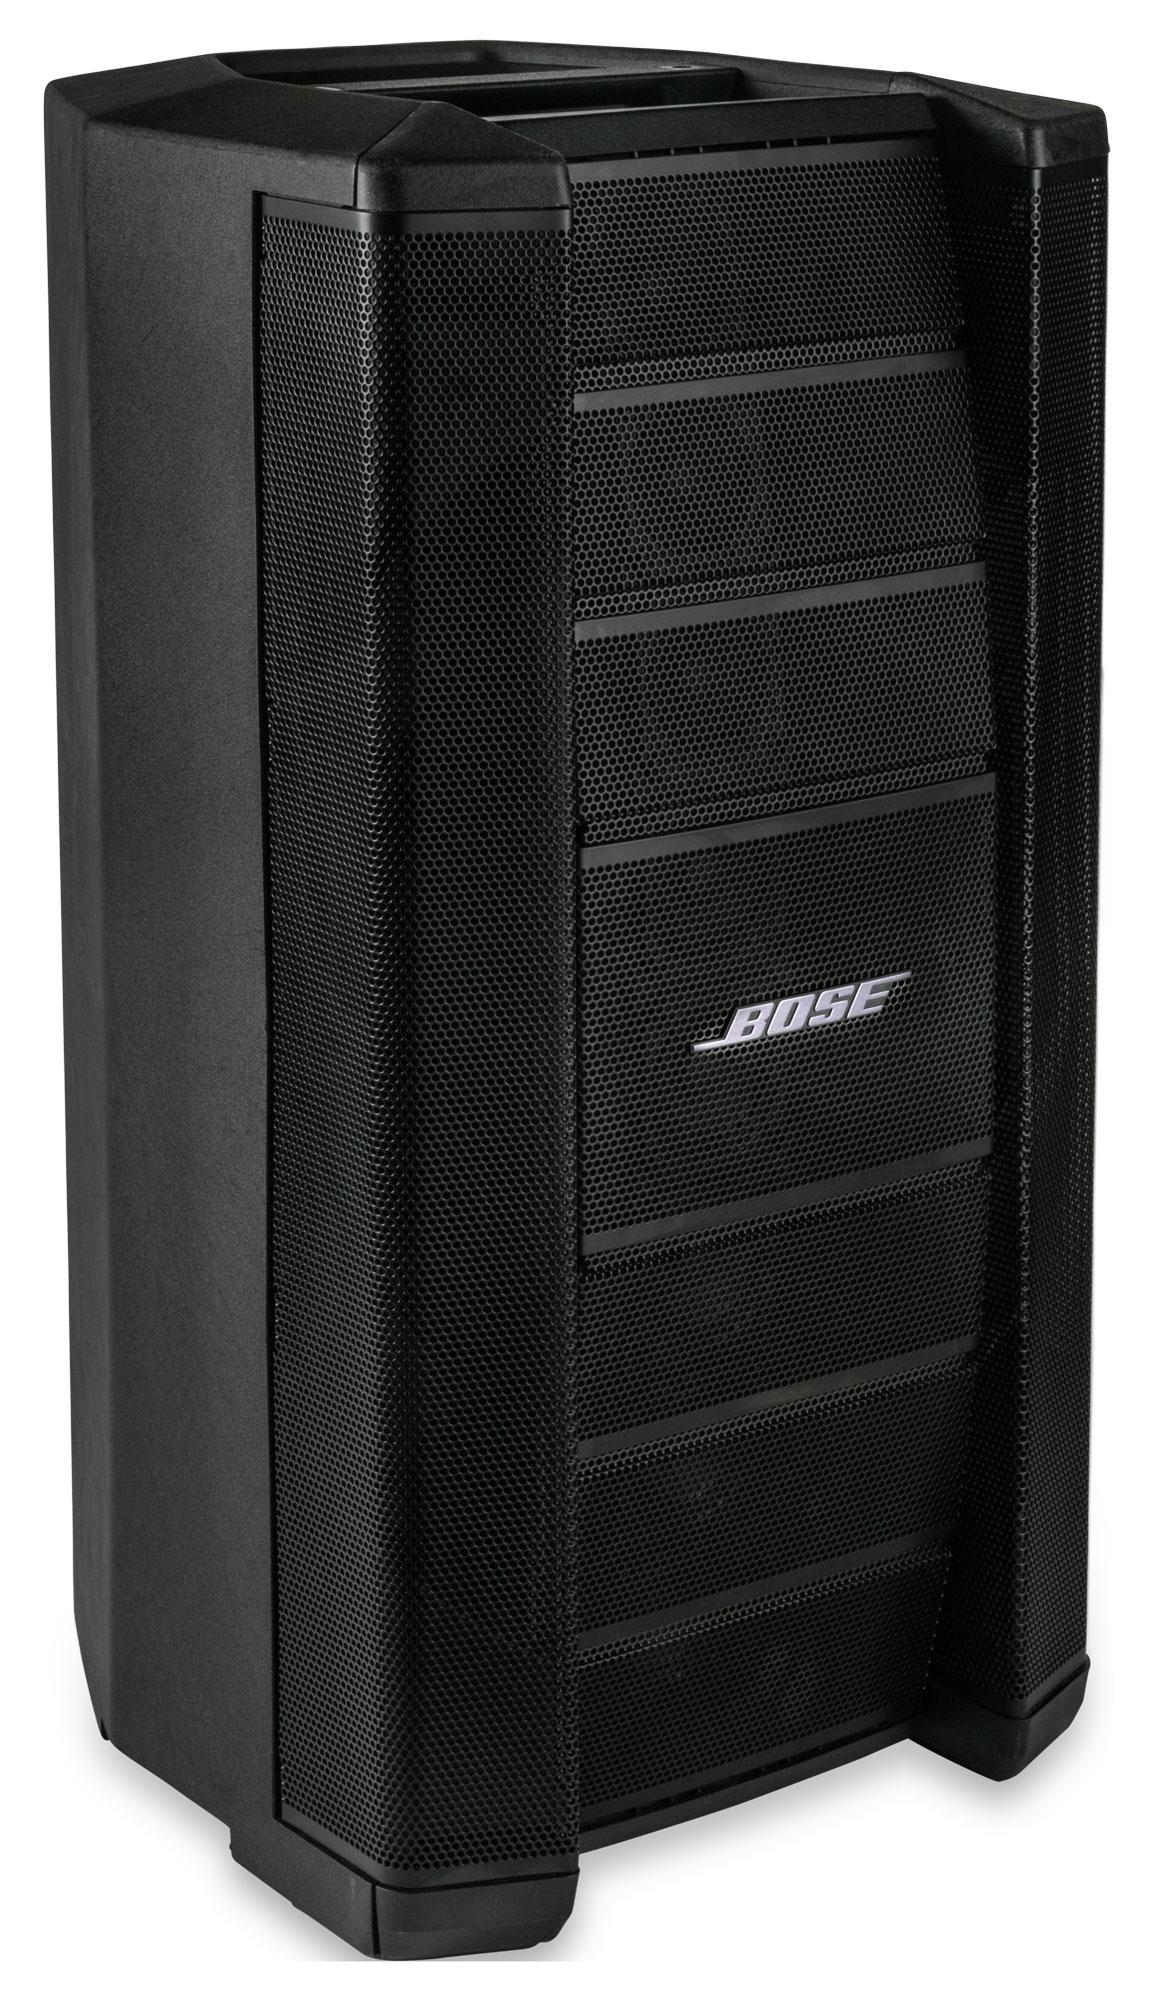 Paendstufen - Bose F1 Model 812 Flexible Array Lautsprecher Retoure (Zustand gut) - Onlineshop Musikhaus Kirstein